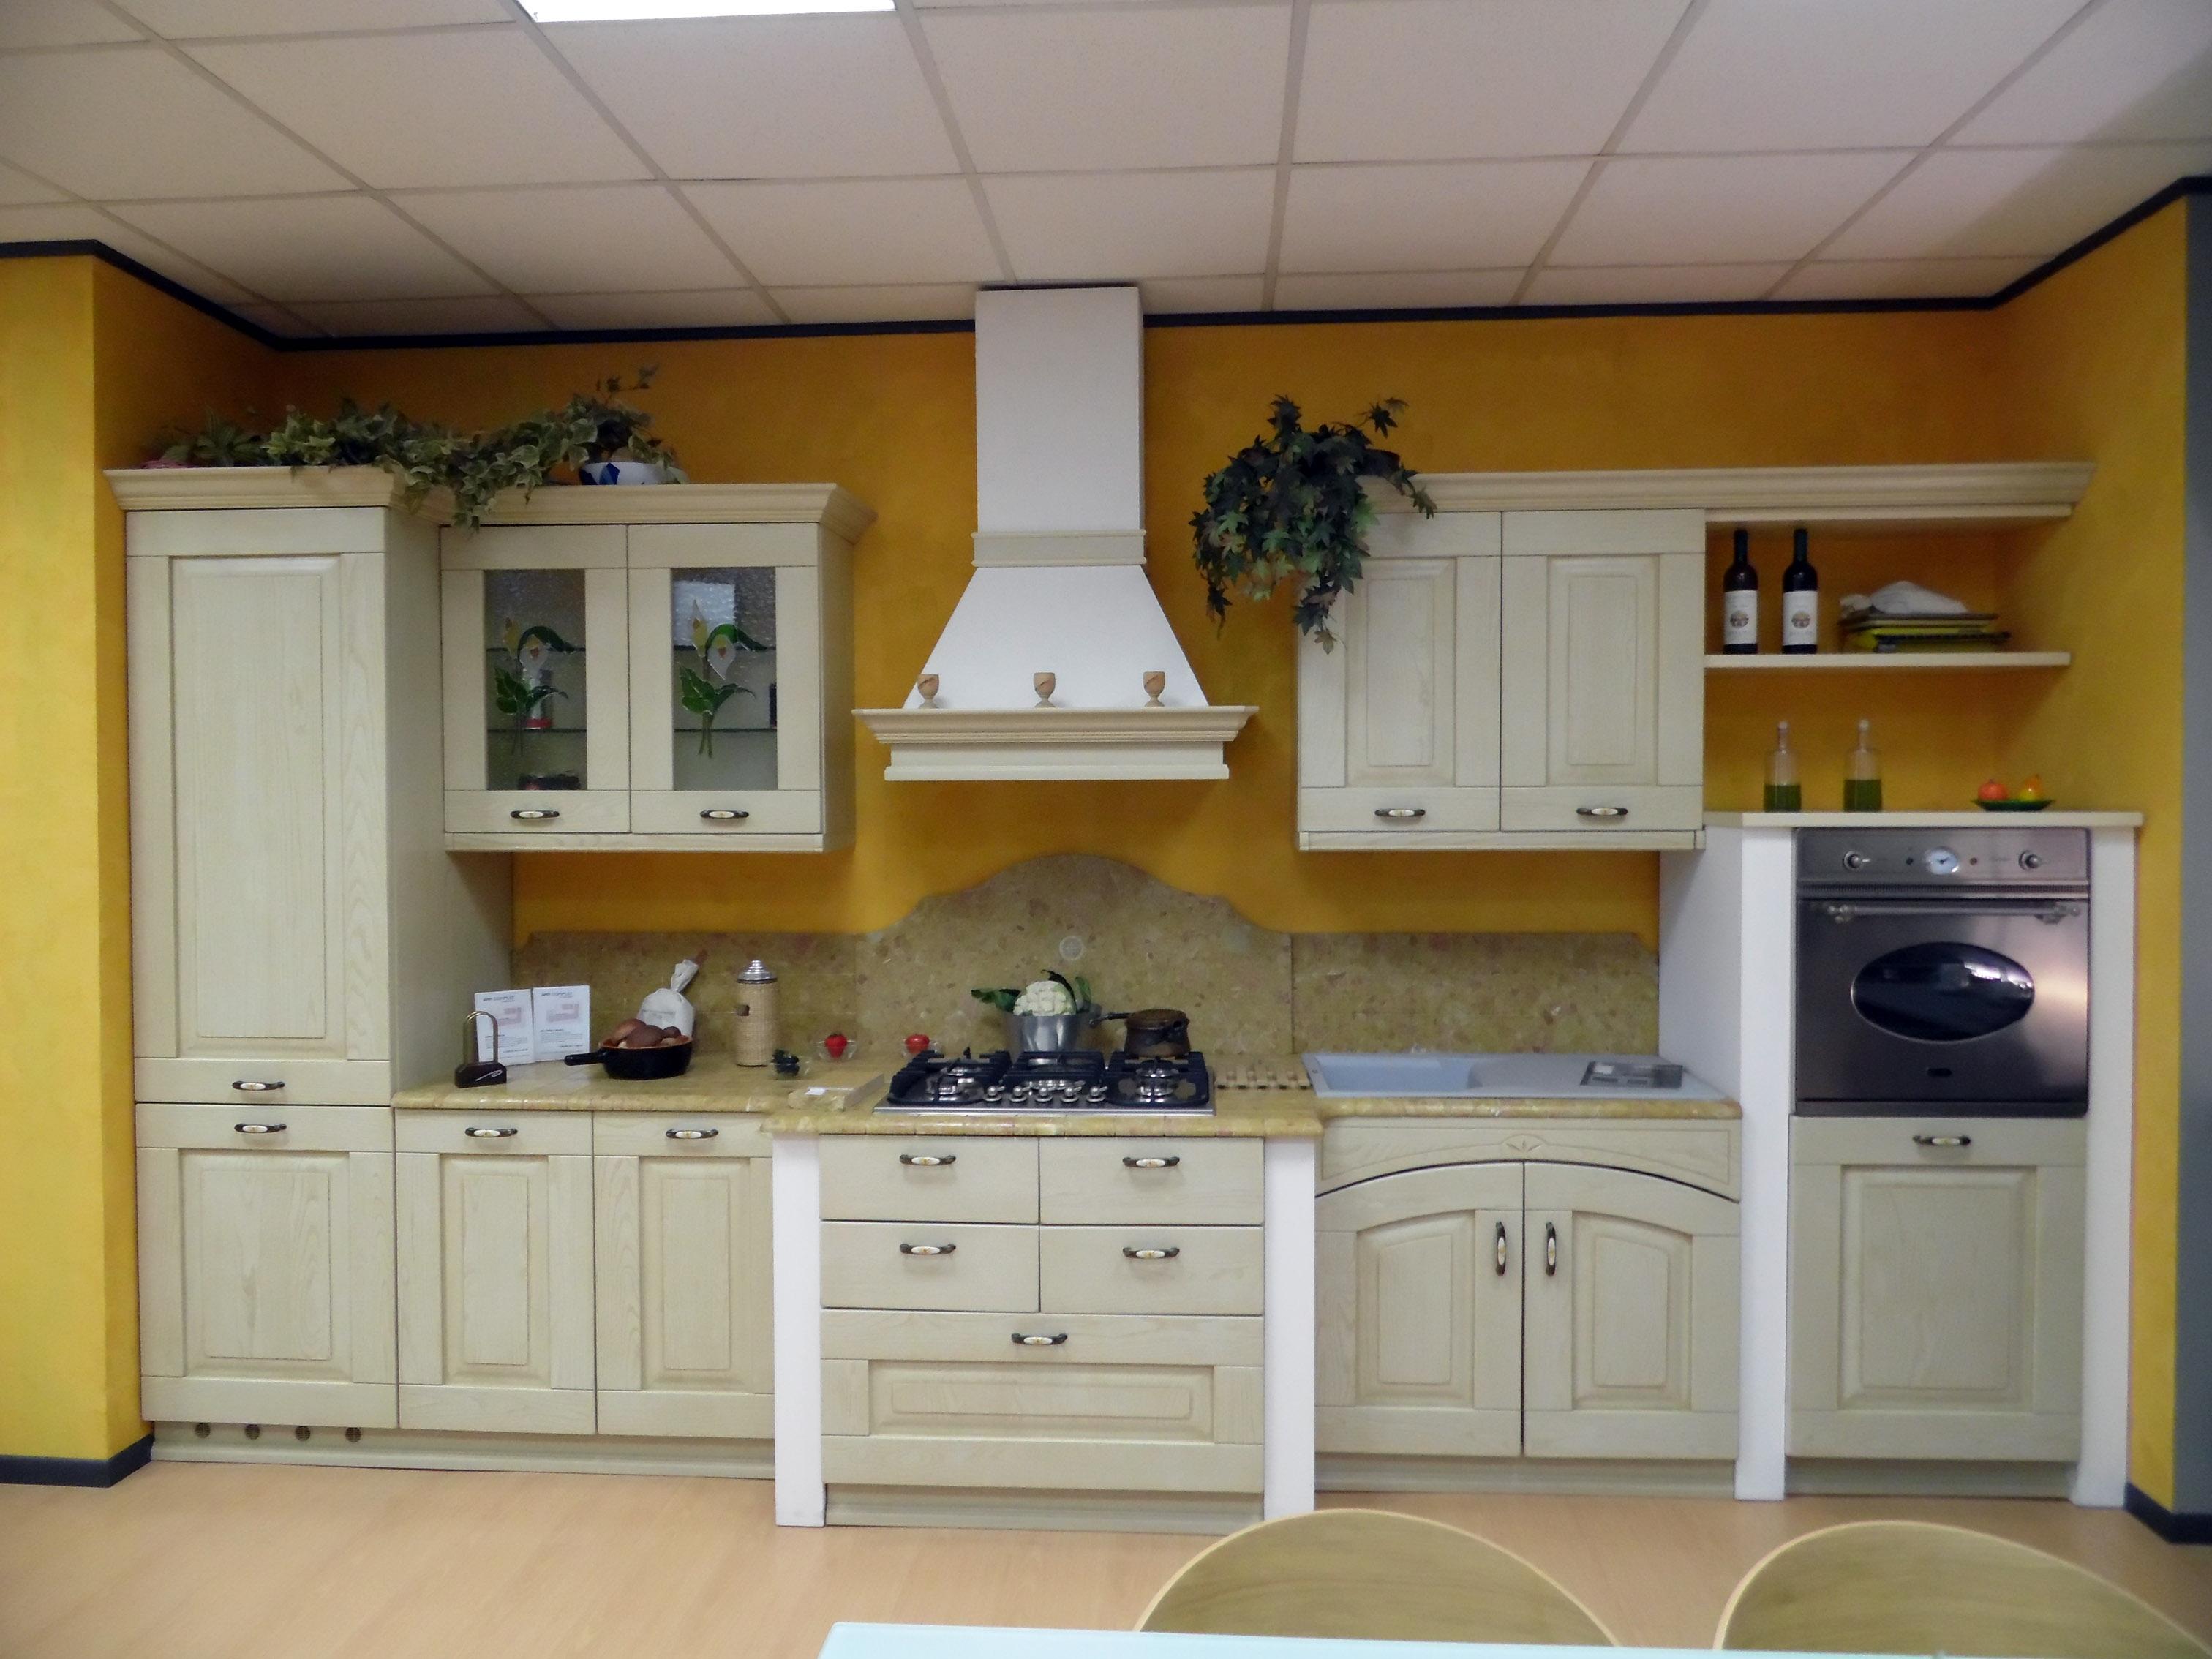 Cucina Astra Fiorenza Castagno decapè beige - Cucine a prezzi scontati